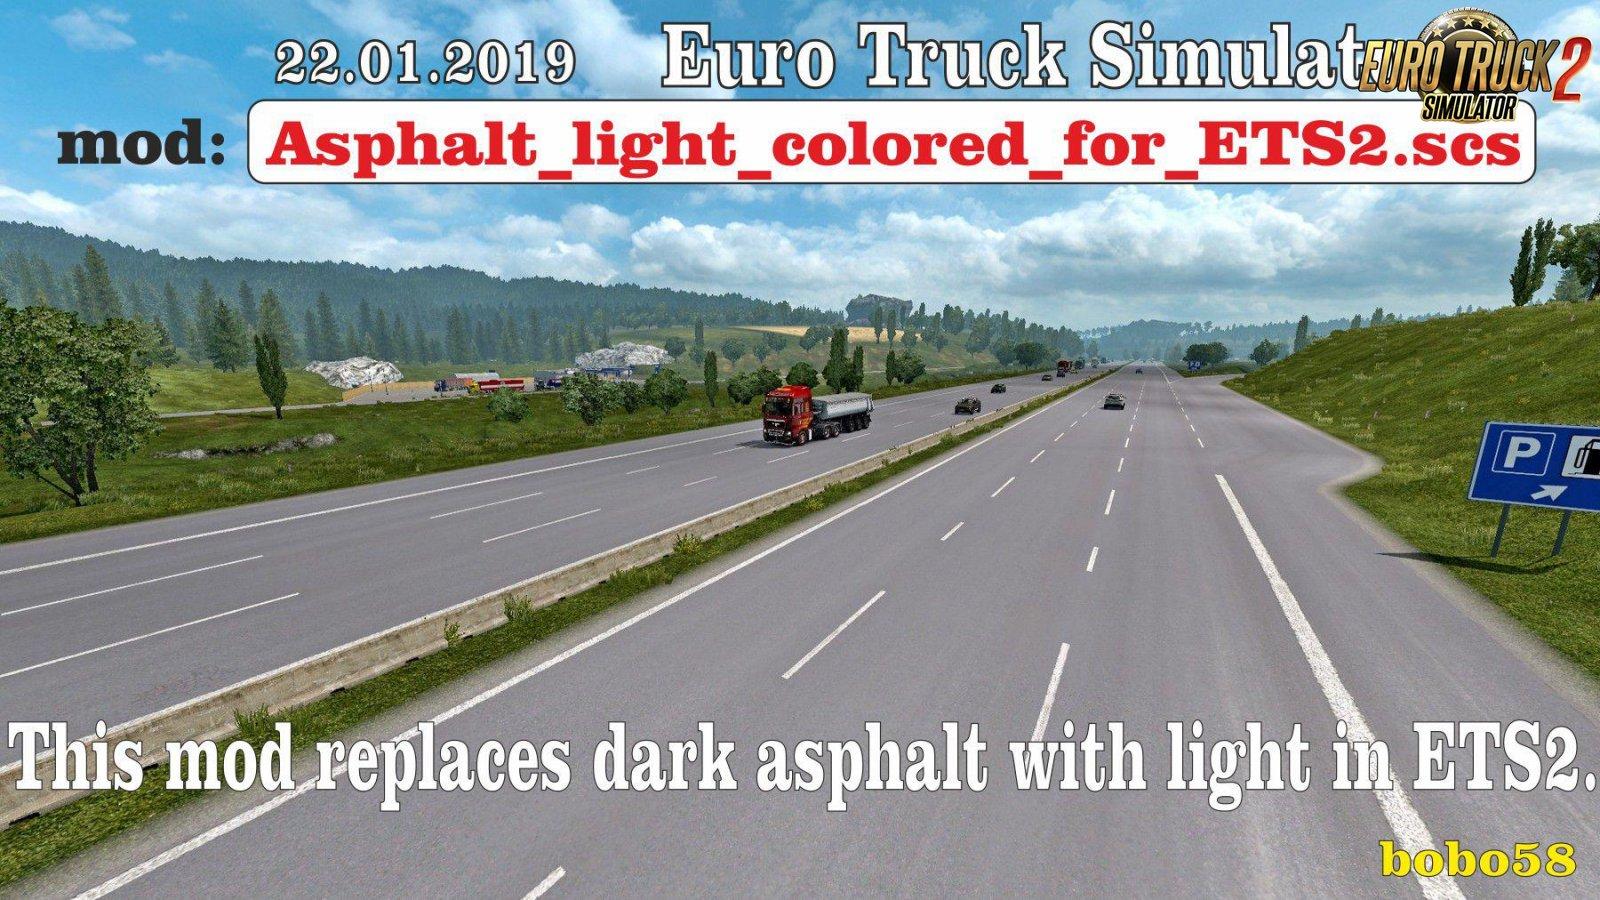 Asphalt light colored for Ets2